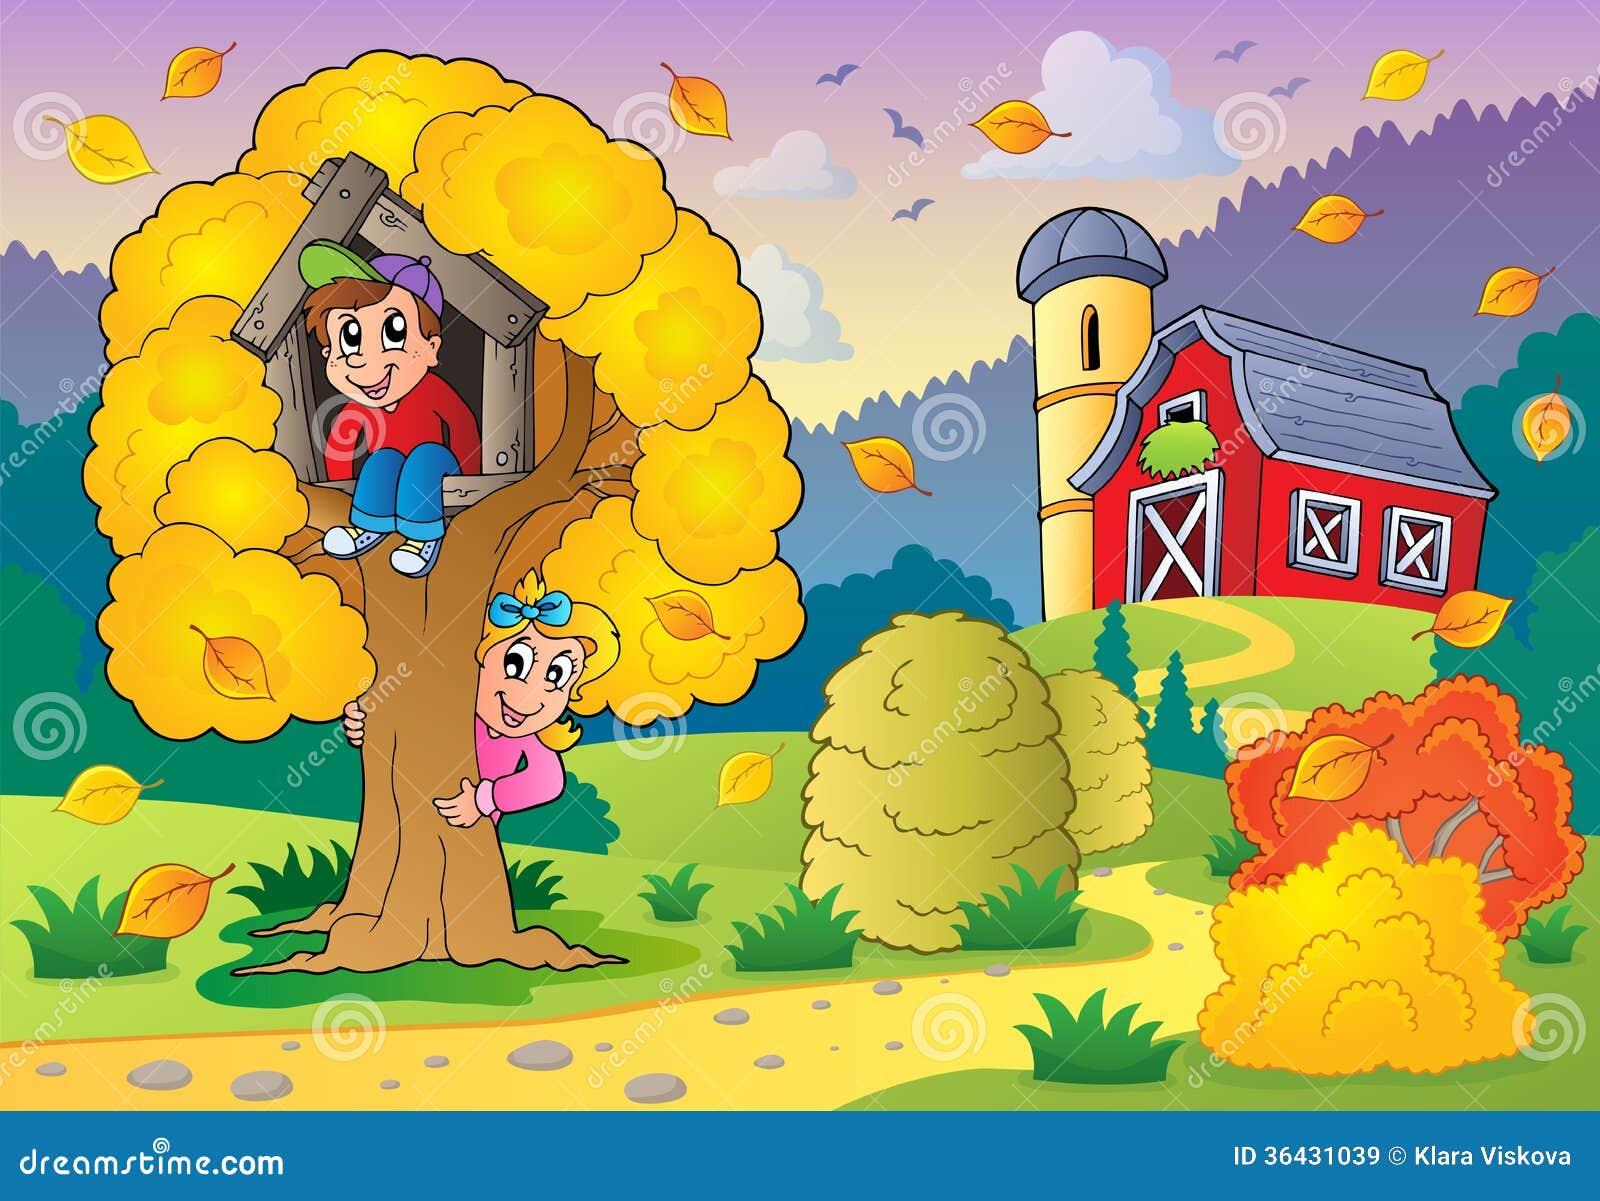 Autumn activity theme 2